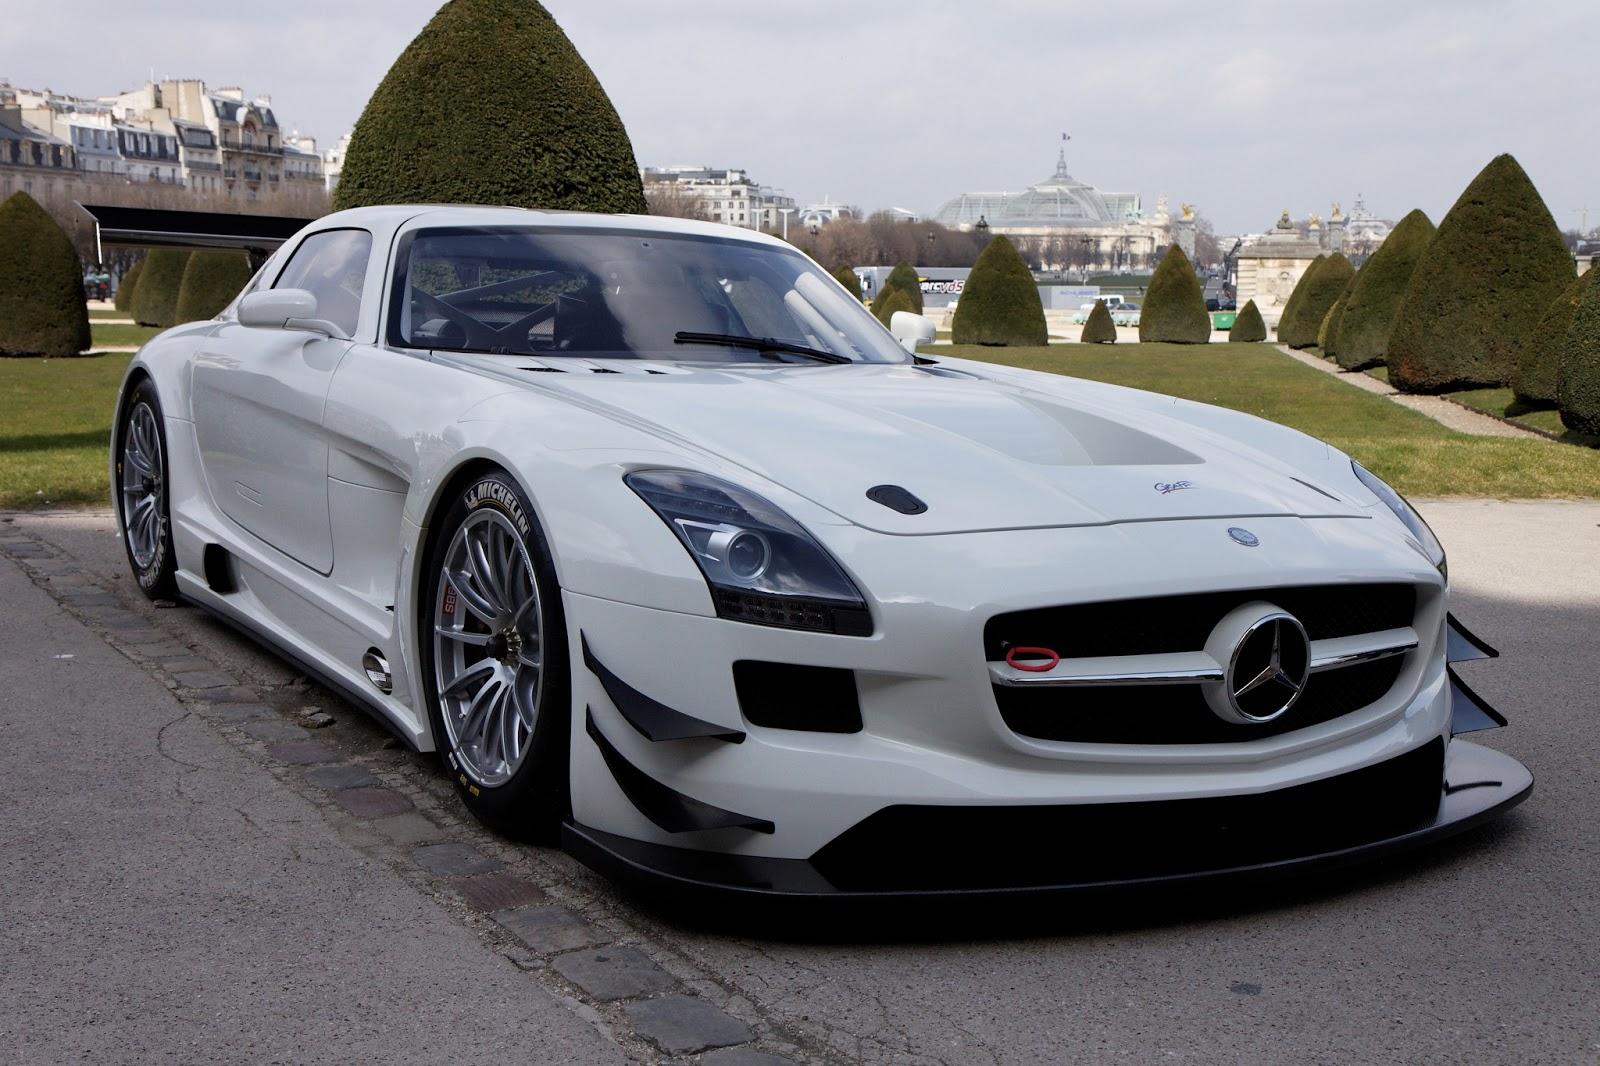 ВТокио открыли эксклюзивный салон «Mercedes-AMG»